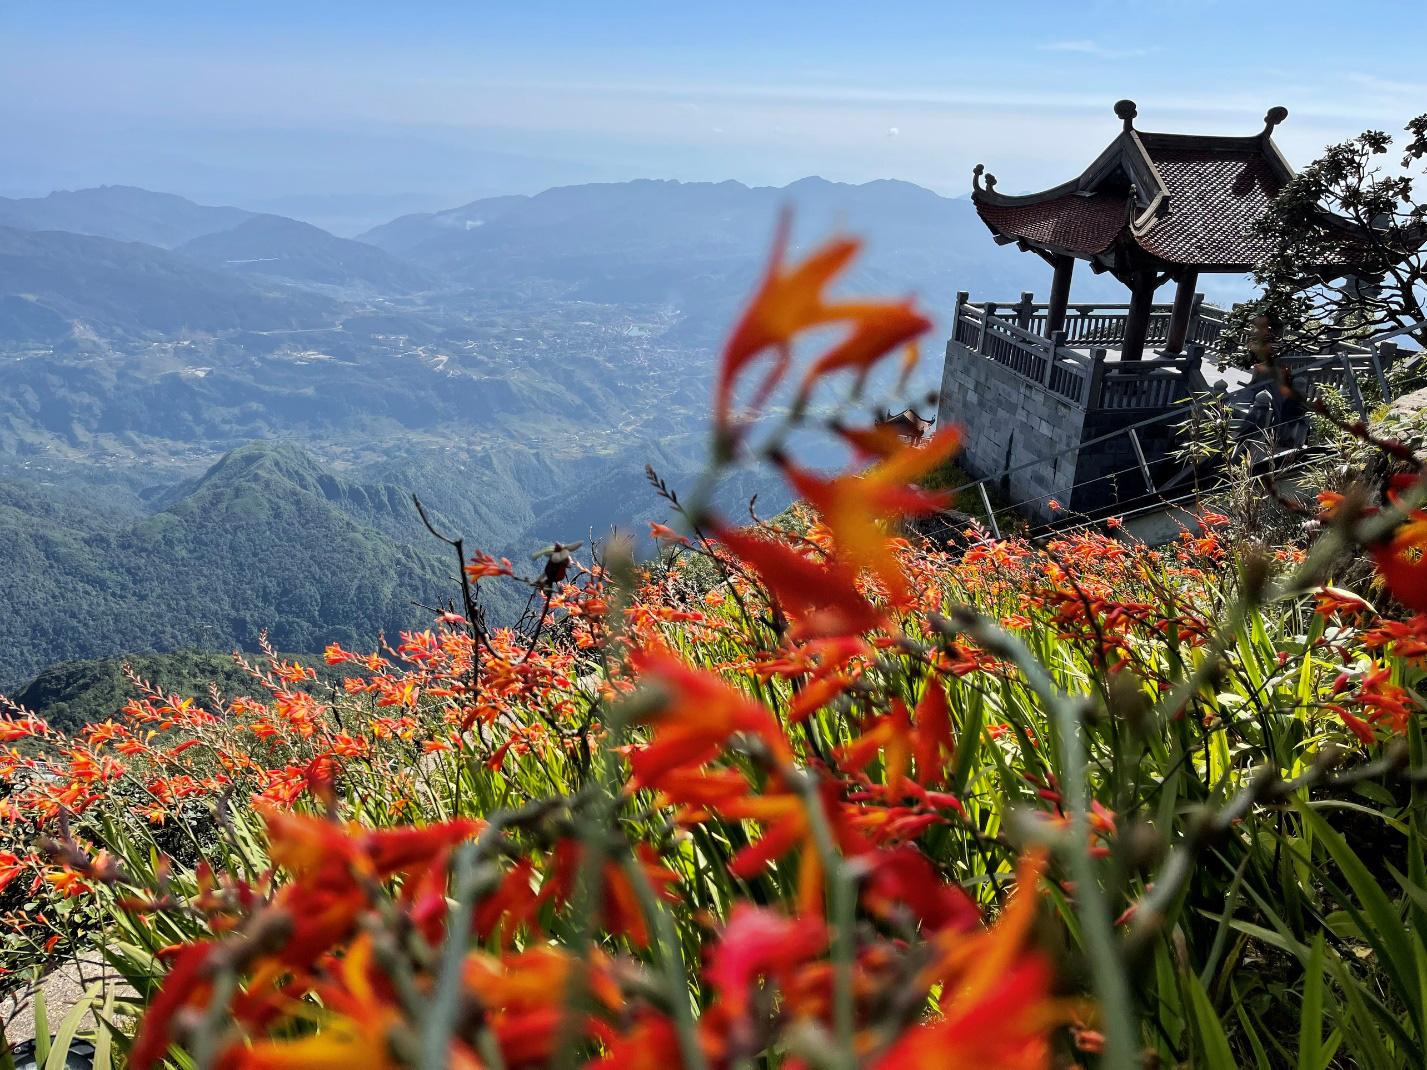 Mênh mông sắc vàng cam của hoa dơn lúa đẹp kiêu sa trên đỉnh Fansipan - Ảnh 3.